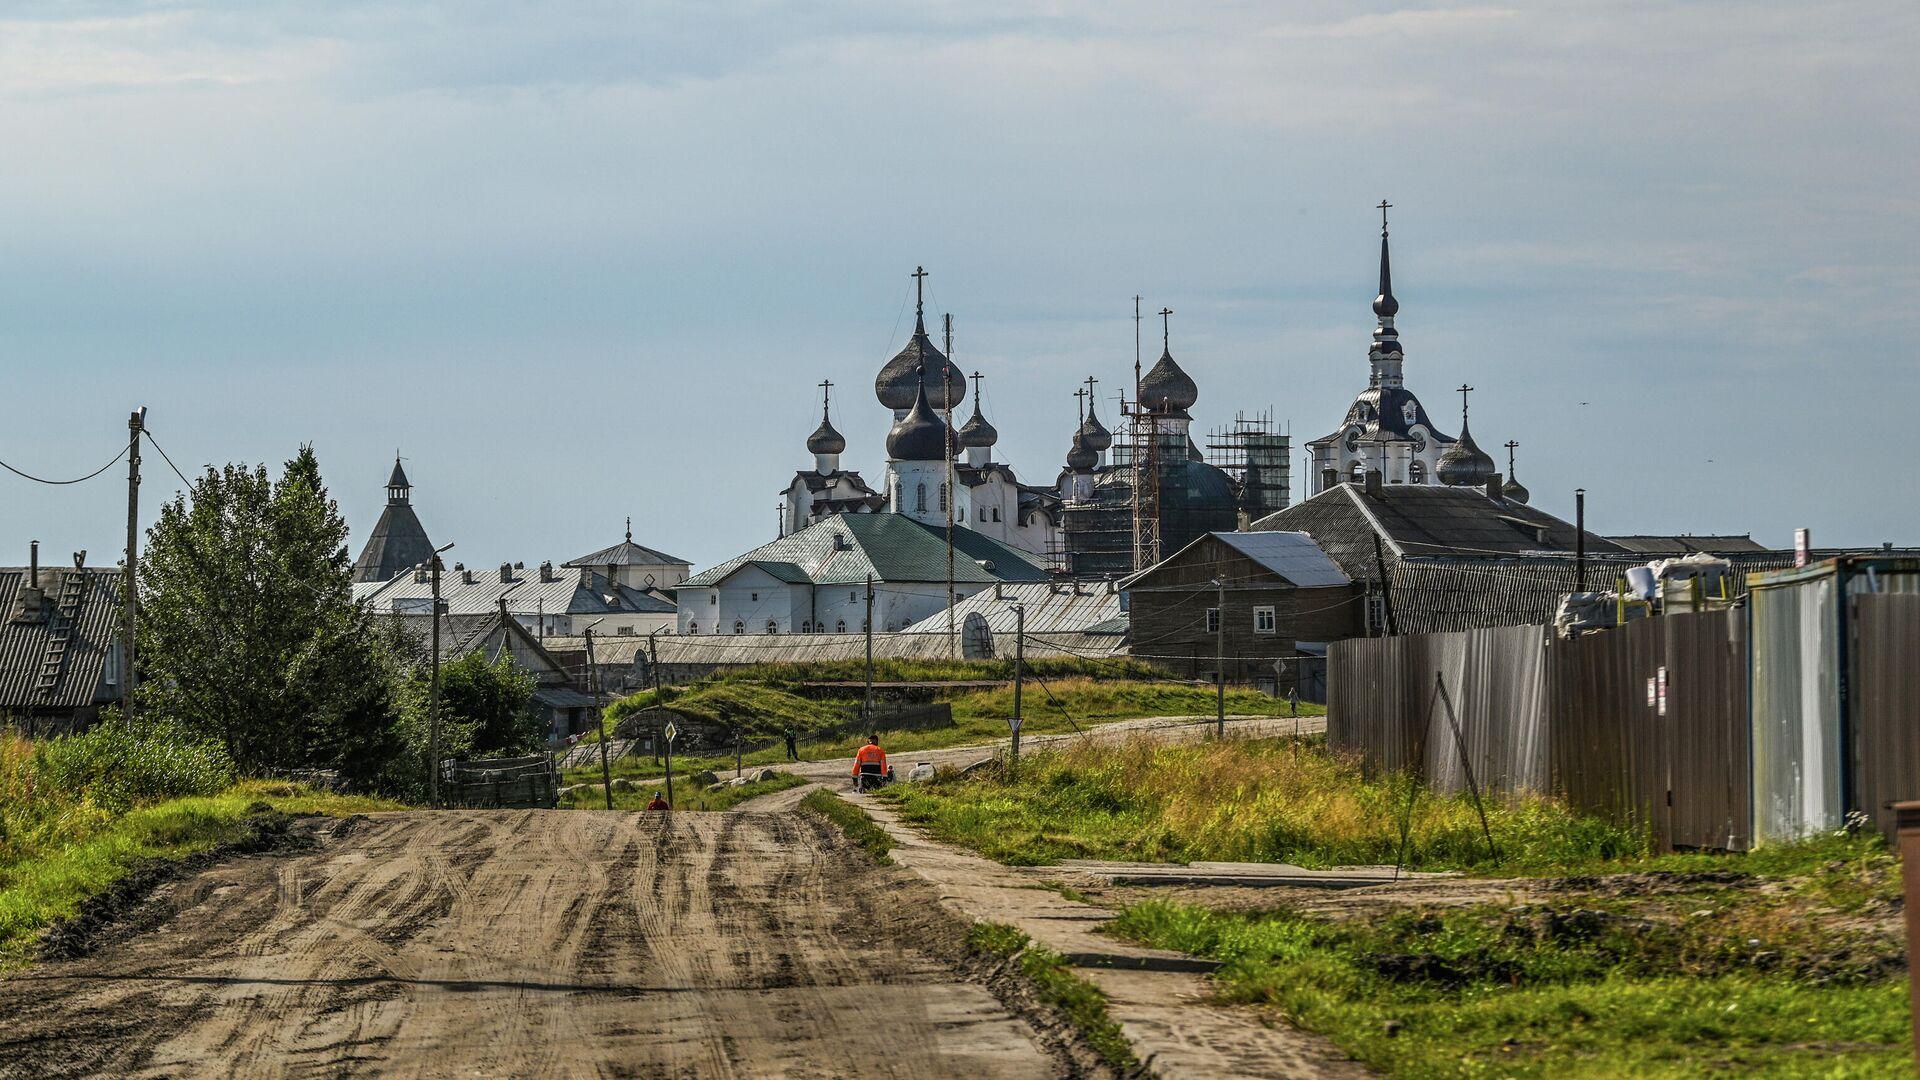 Соловецкий монастырь - РИА Новости, 1920, 20.08.2020